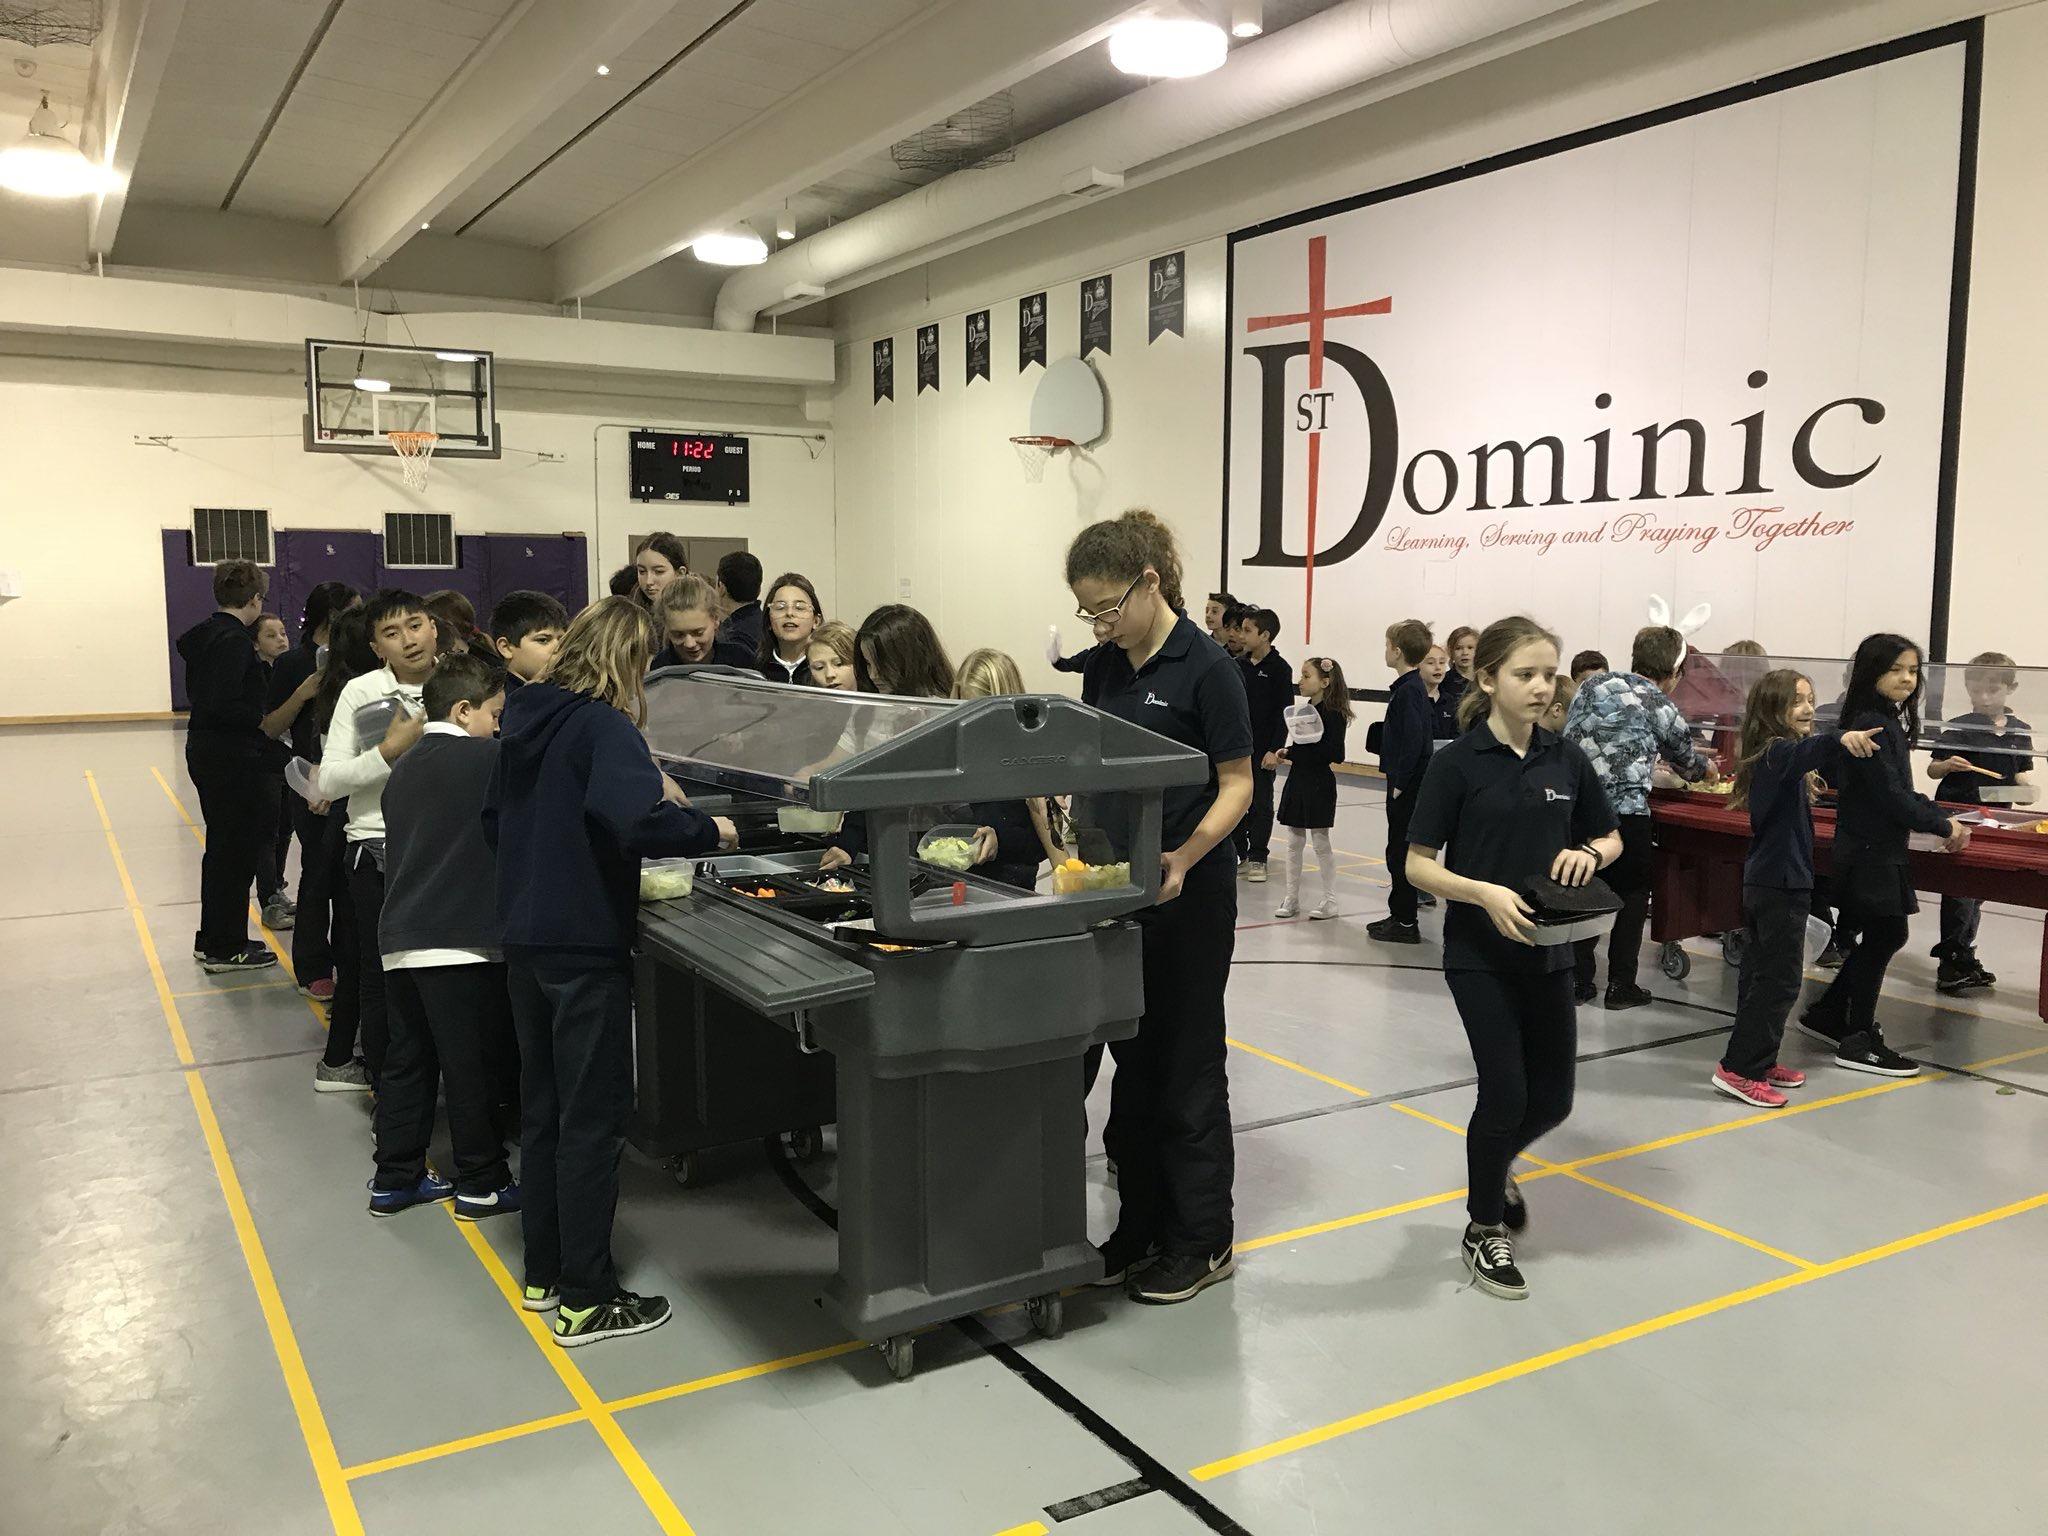 St Dominic Elementary School, Oakville, ON